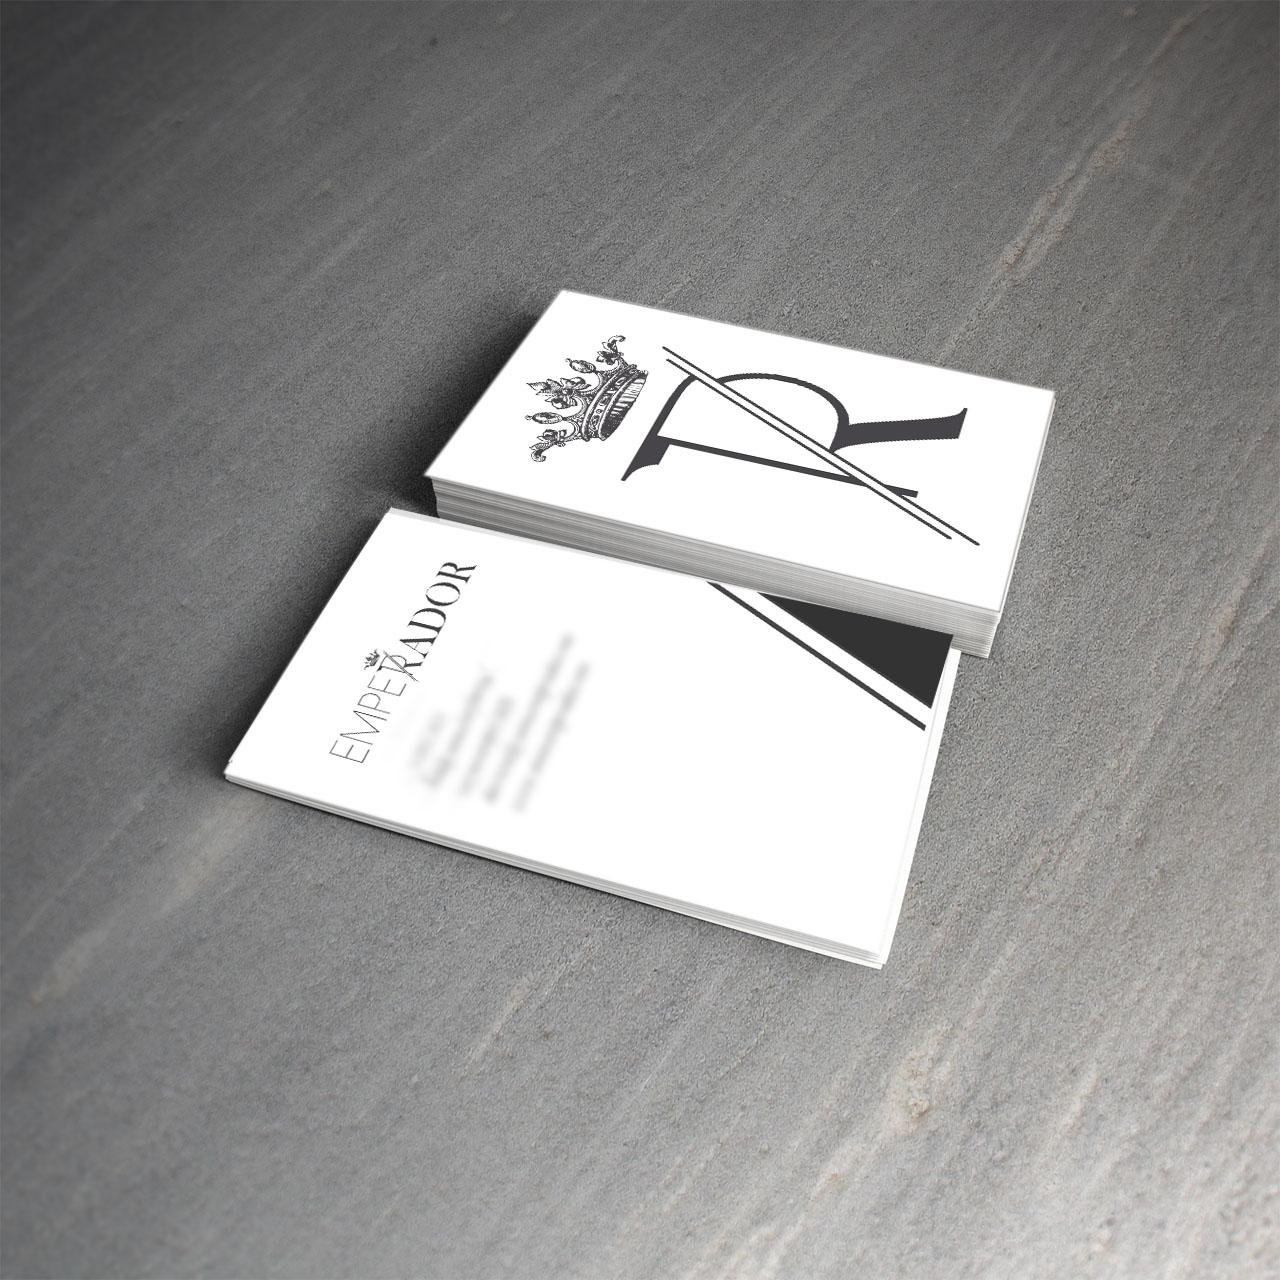 Diseño de marca para vino tarjetas Emperador